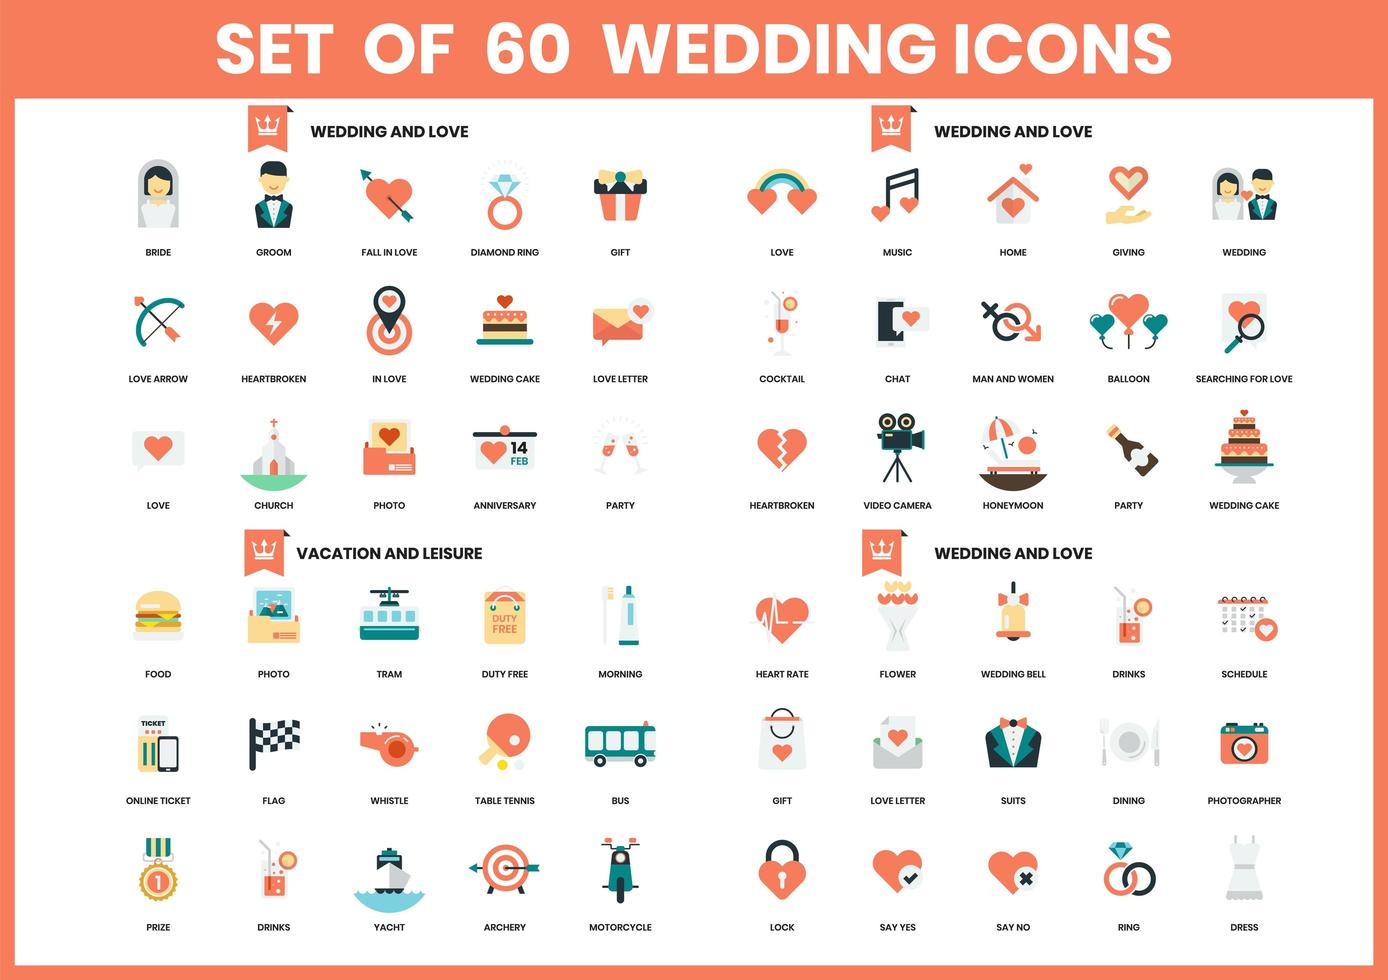 ensemble de 60 icônes mariage, amour et vacances vecteur